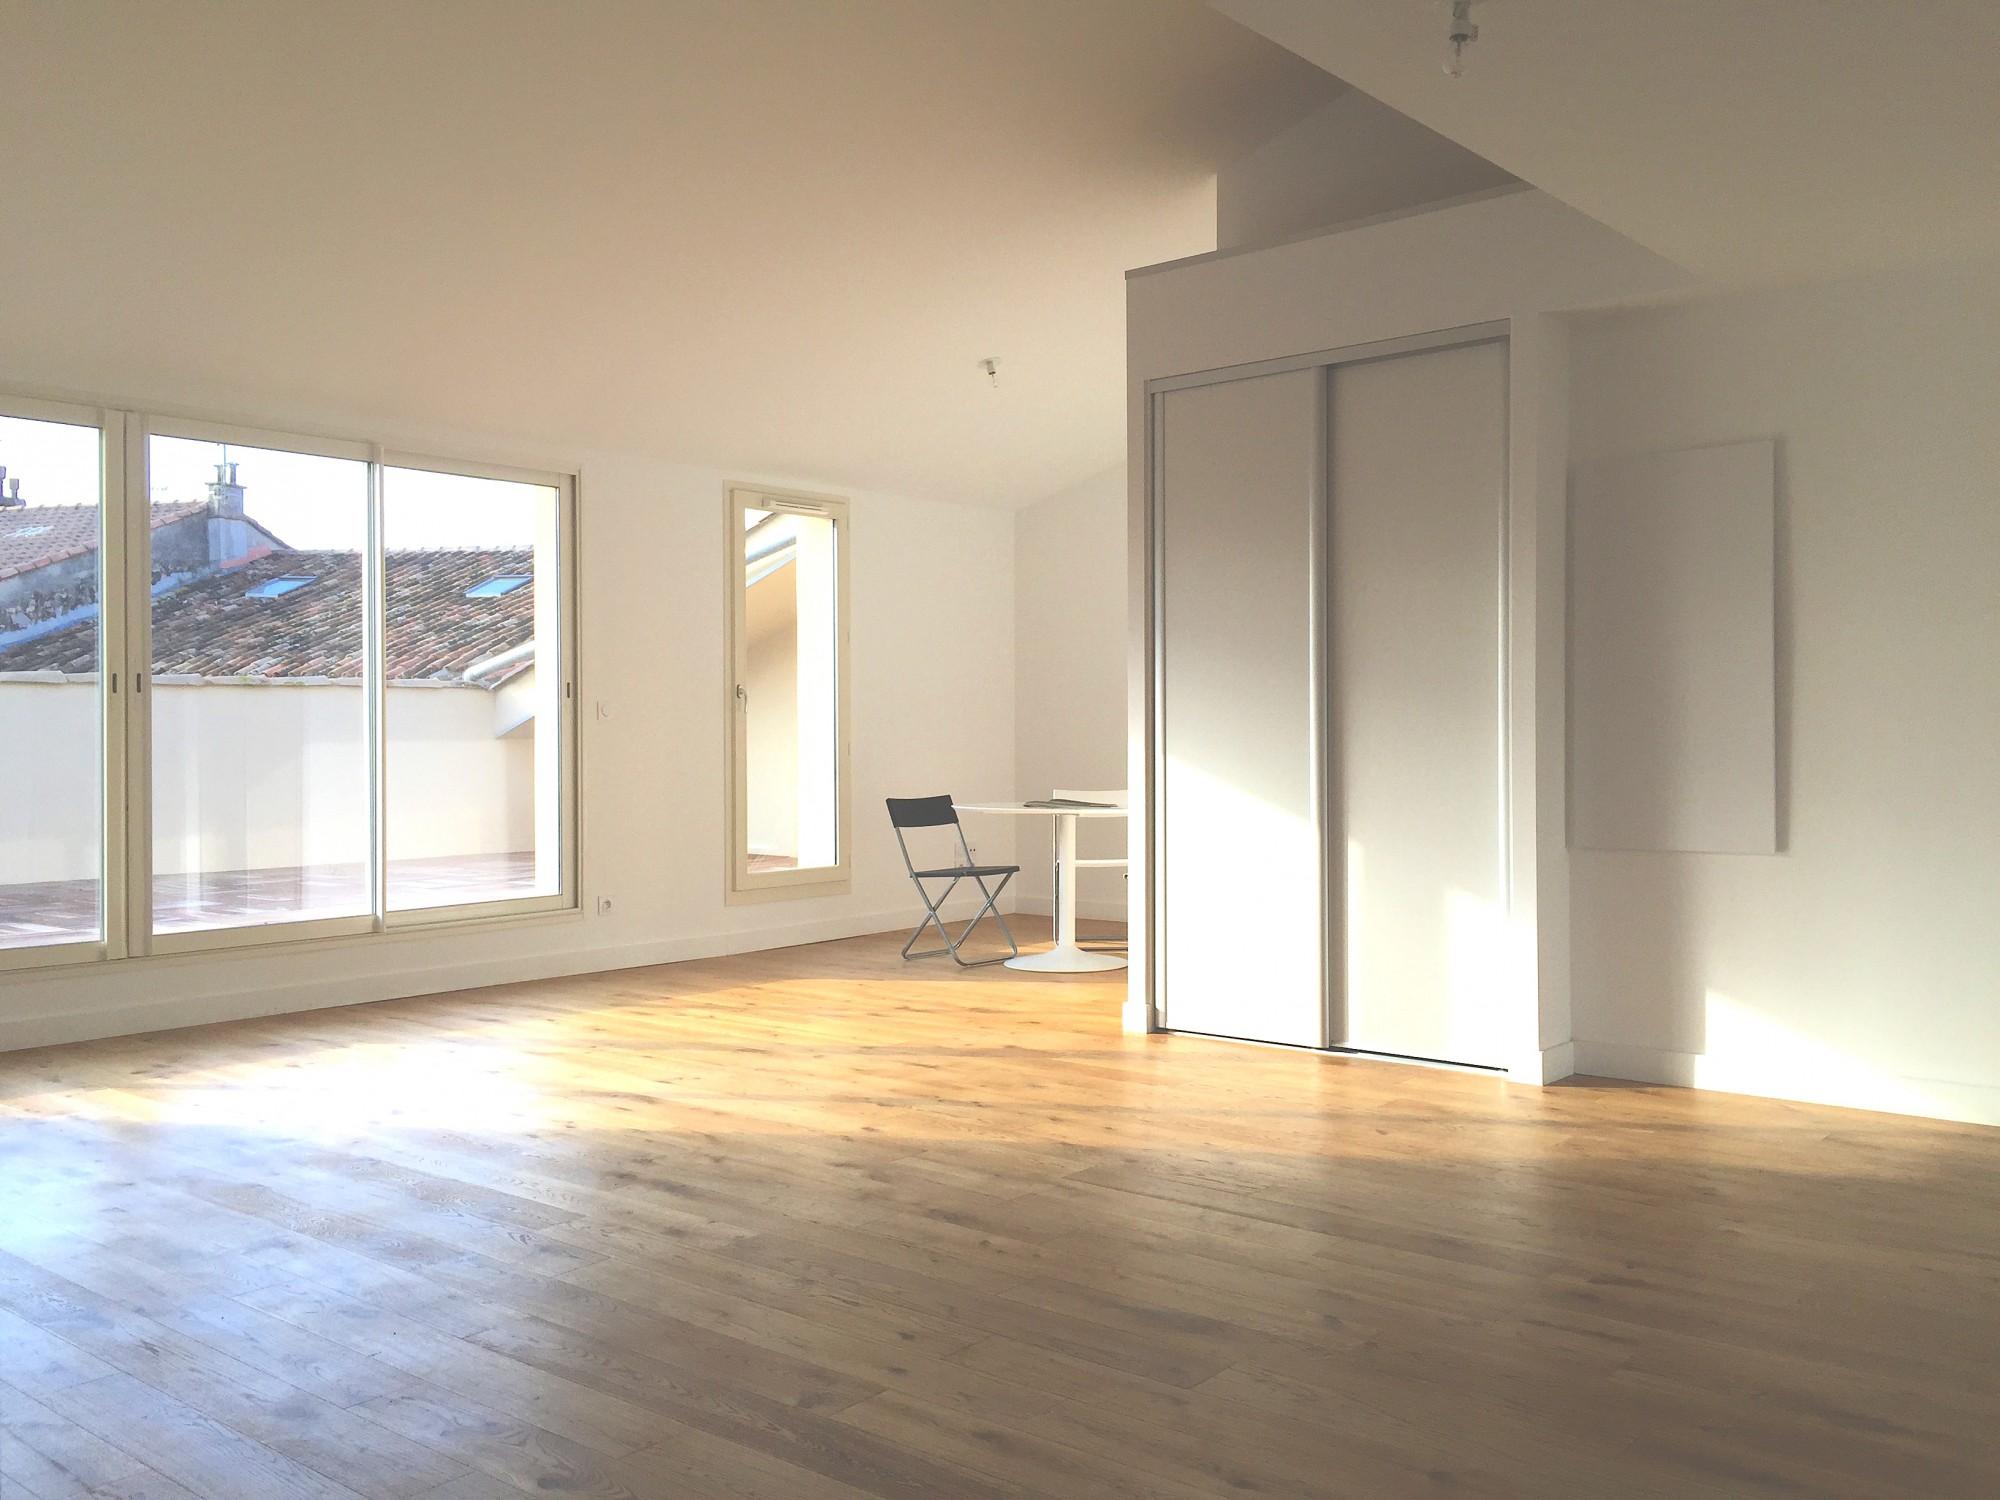 reventes appartement hyeres 83400 centre ville dernier tage en duplex immobilier neuf hy res. Black Bedroom Furniture Sets. Home Design Ideas